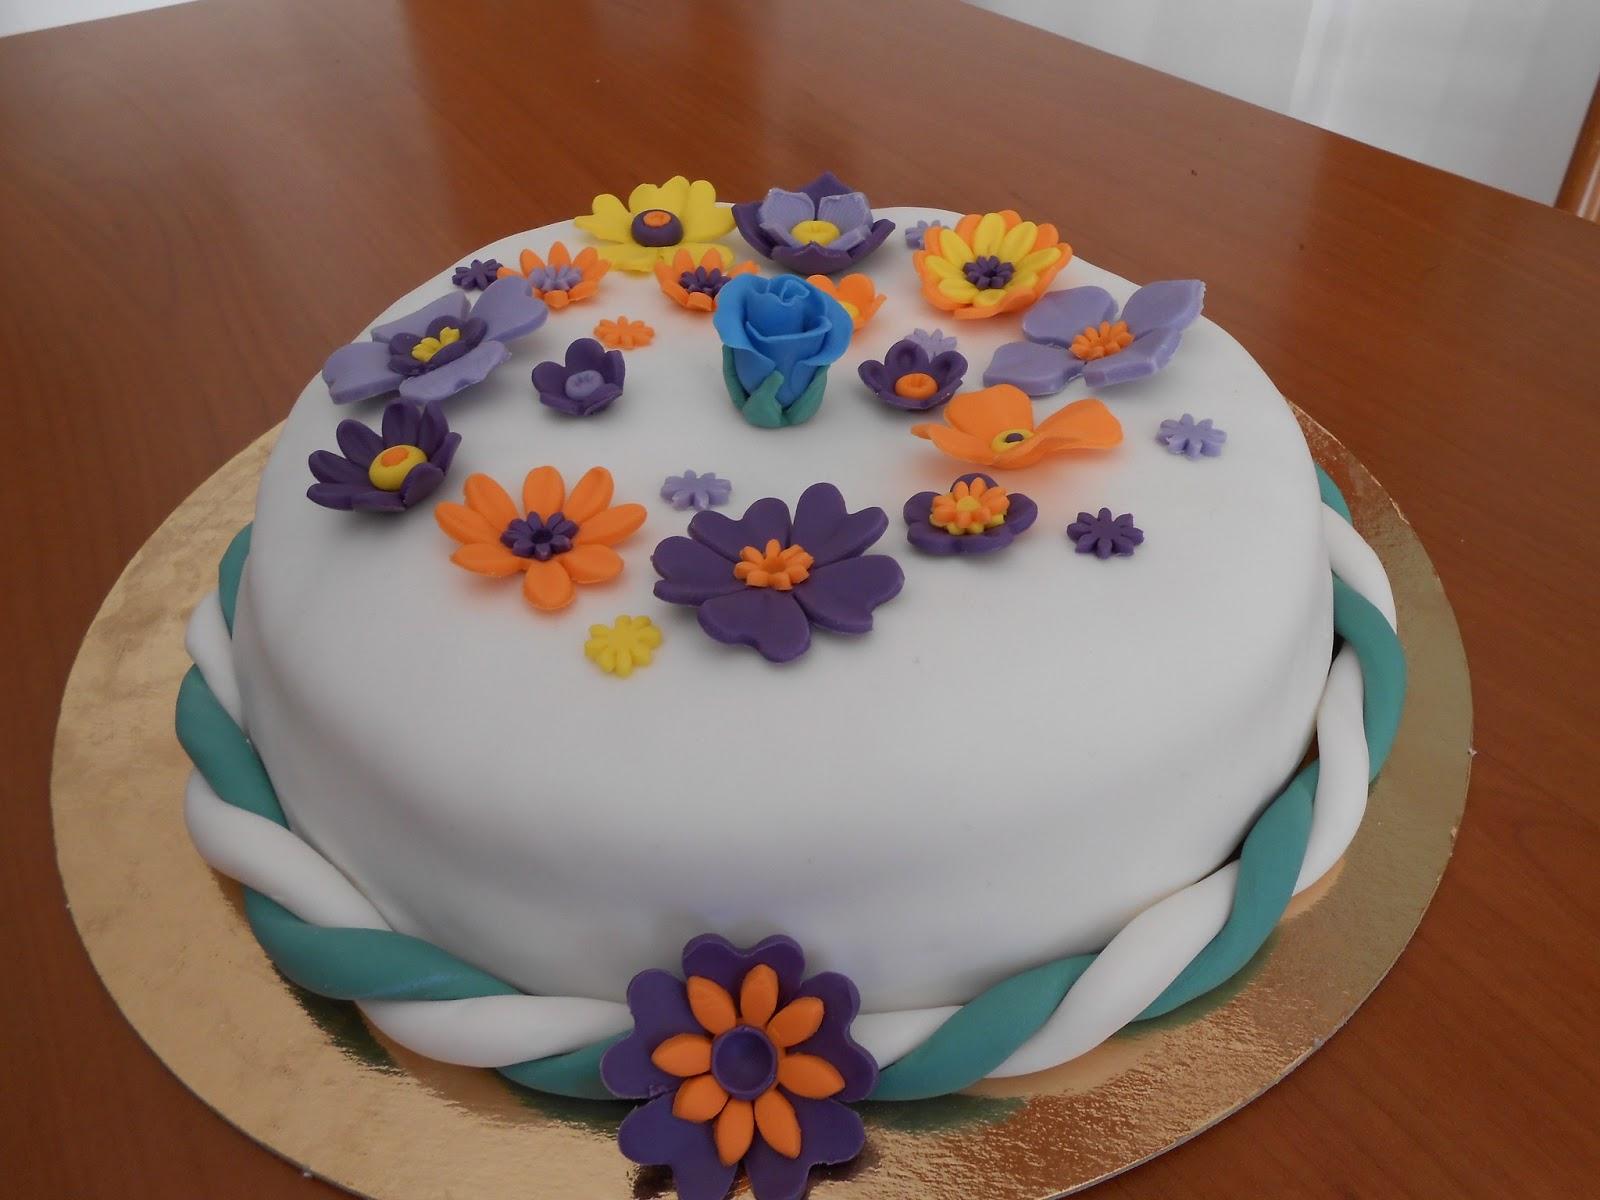 La cucina di enya le torte con il cake design - La cucina di sara torte ...